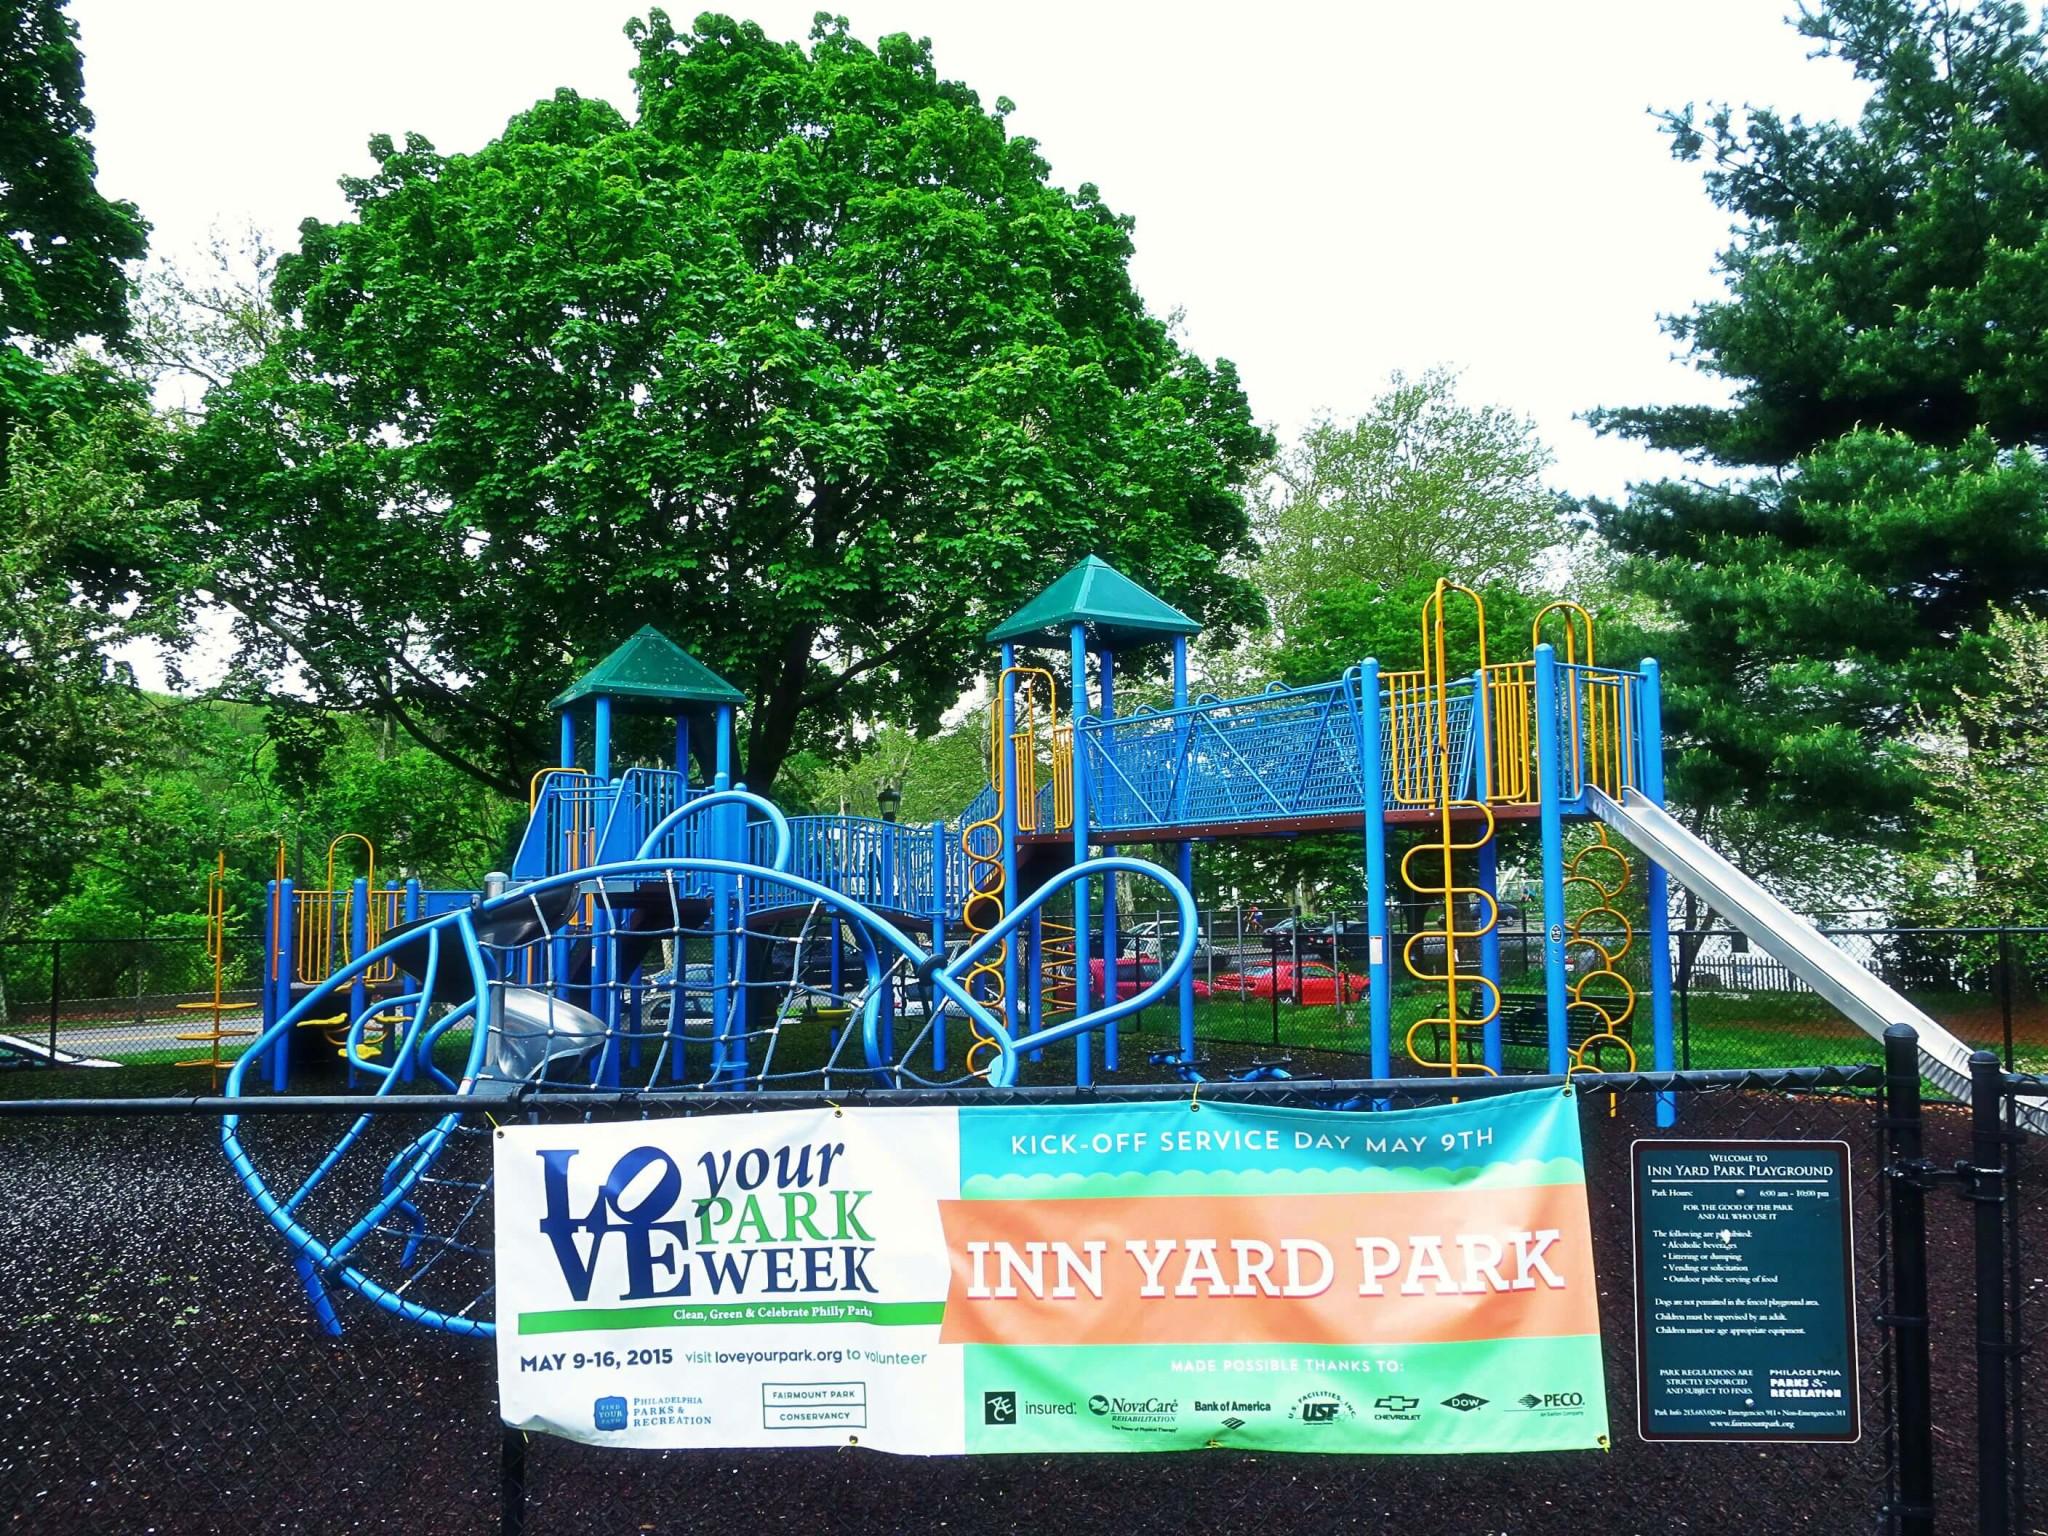 Eastfallslocal 5-6 love your park sign Inn Yard Park